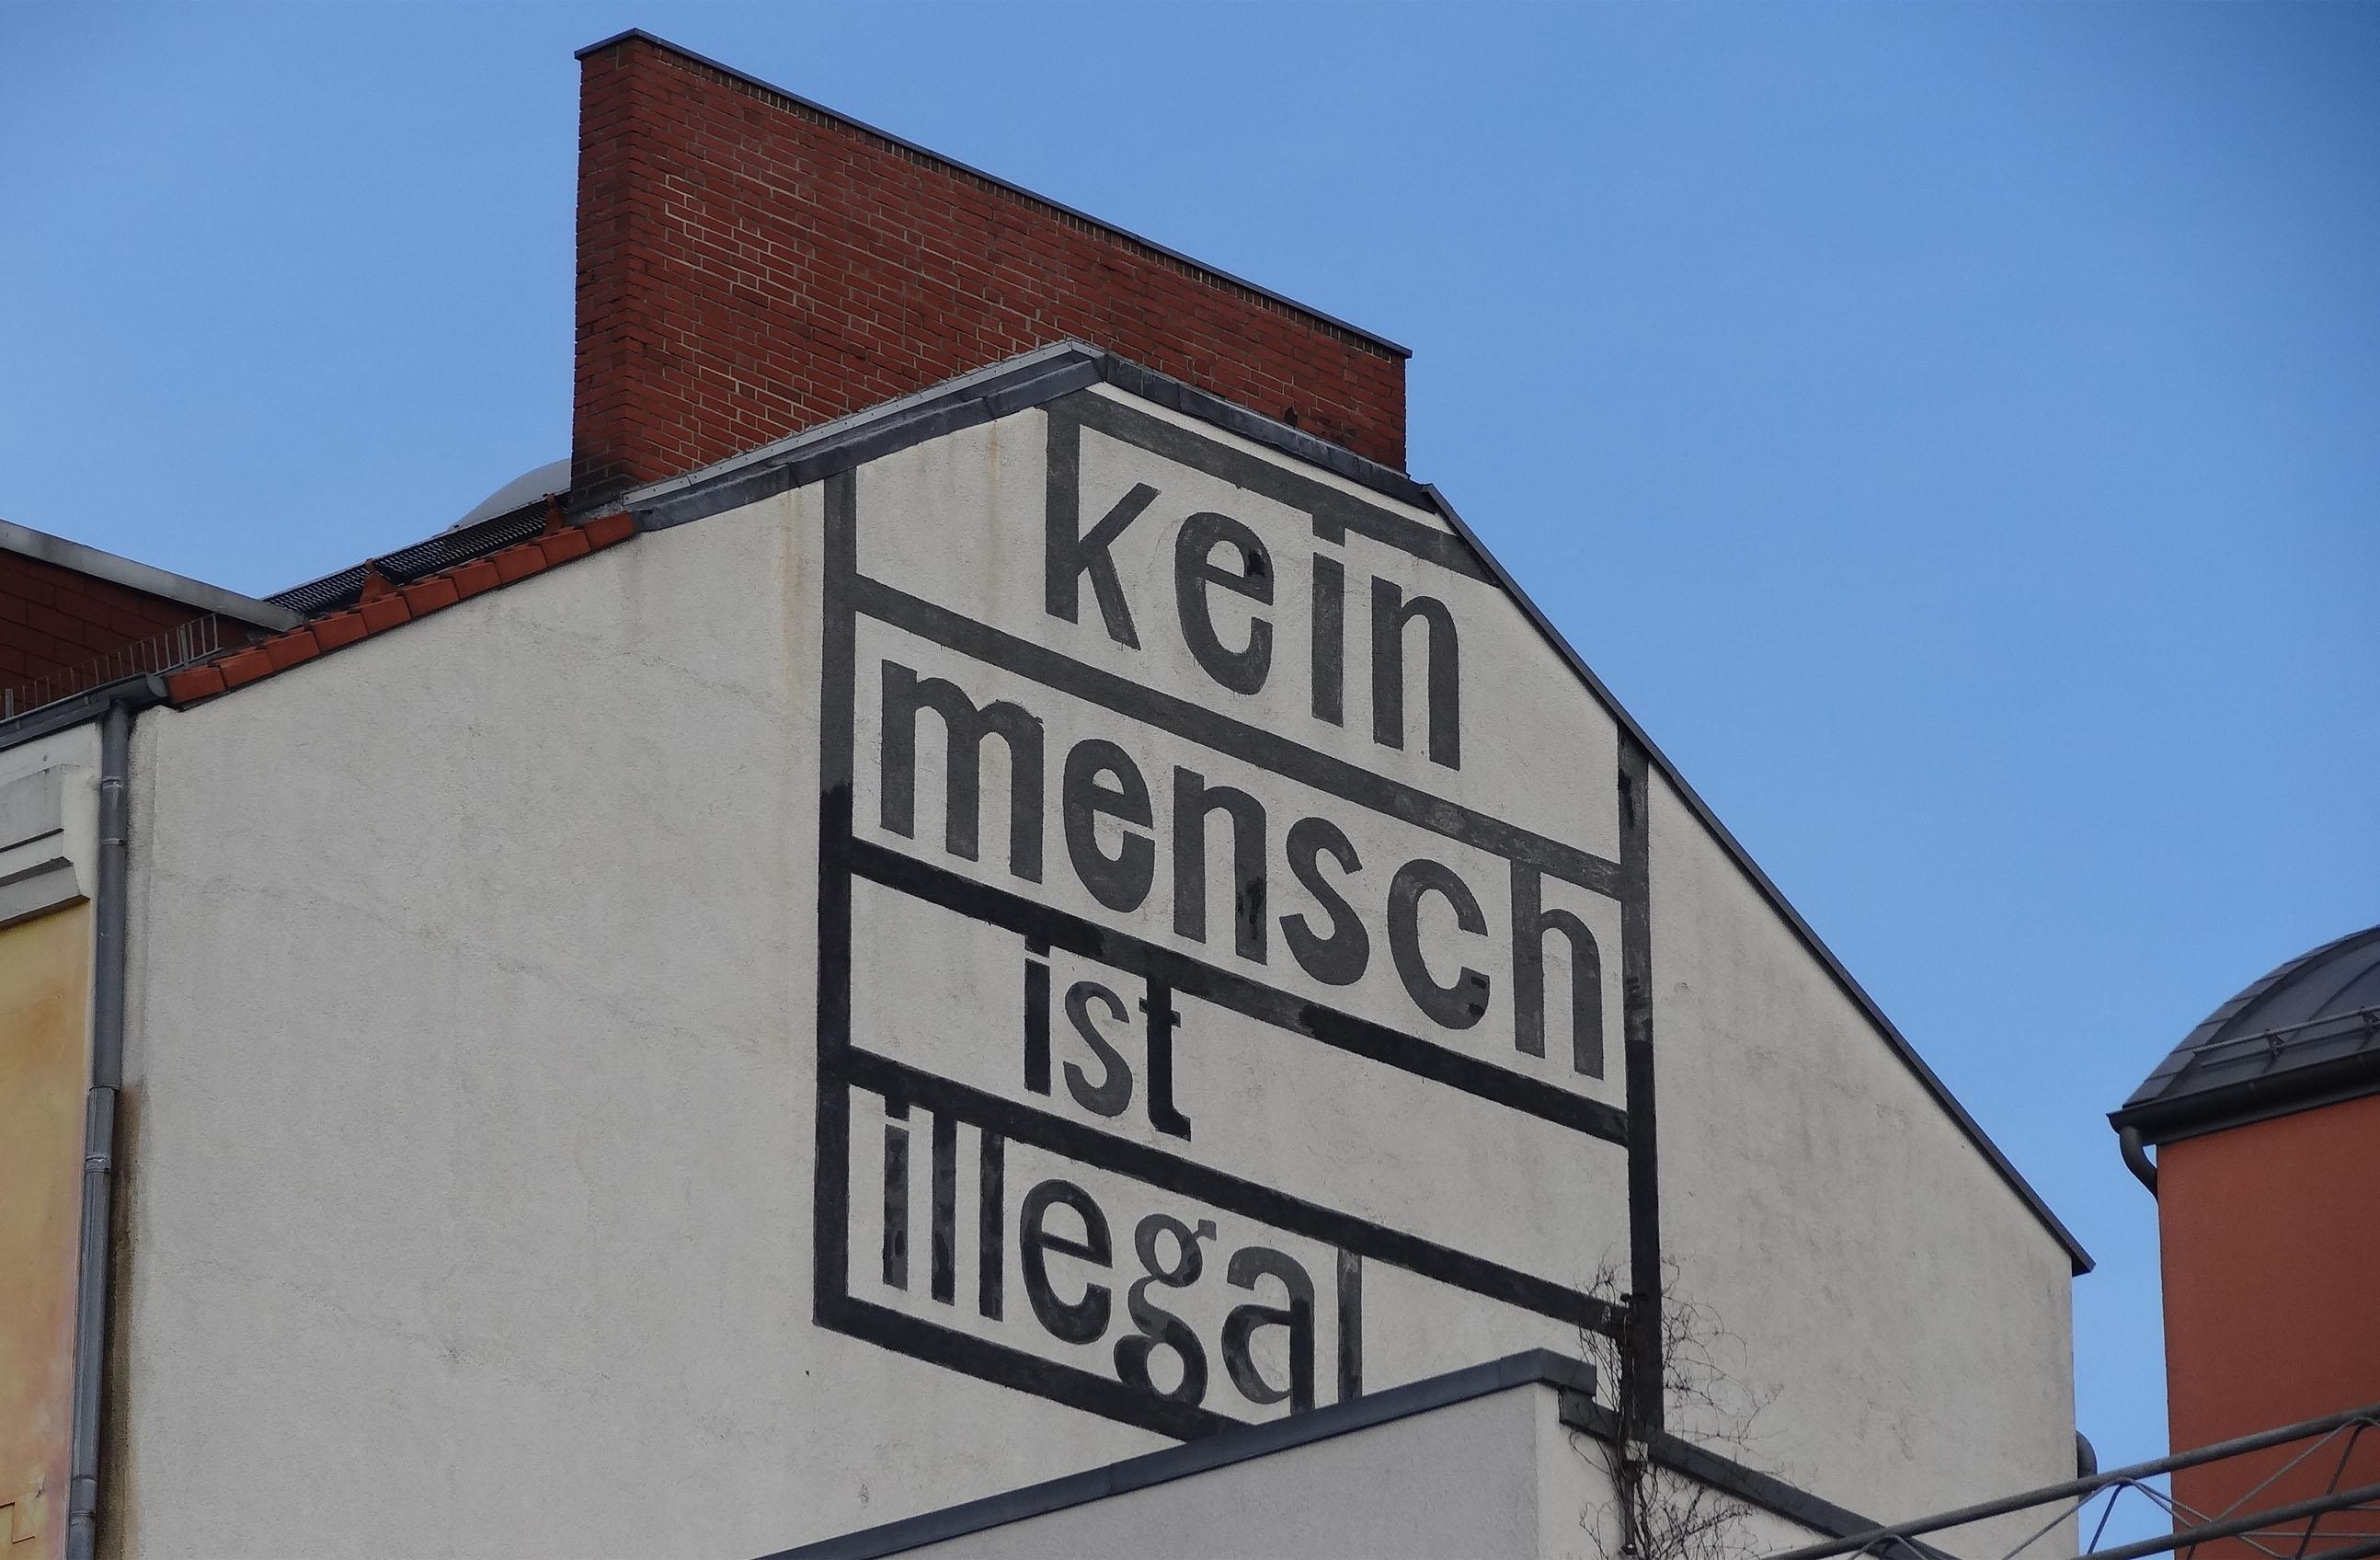 Papierlosigkeit in Bremen – Gesprächsrunde mit Aktiven über Erfahrungen und Perspektiven